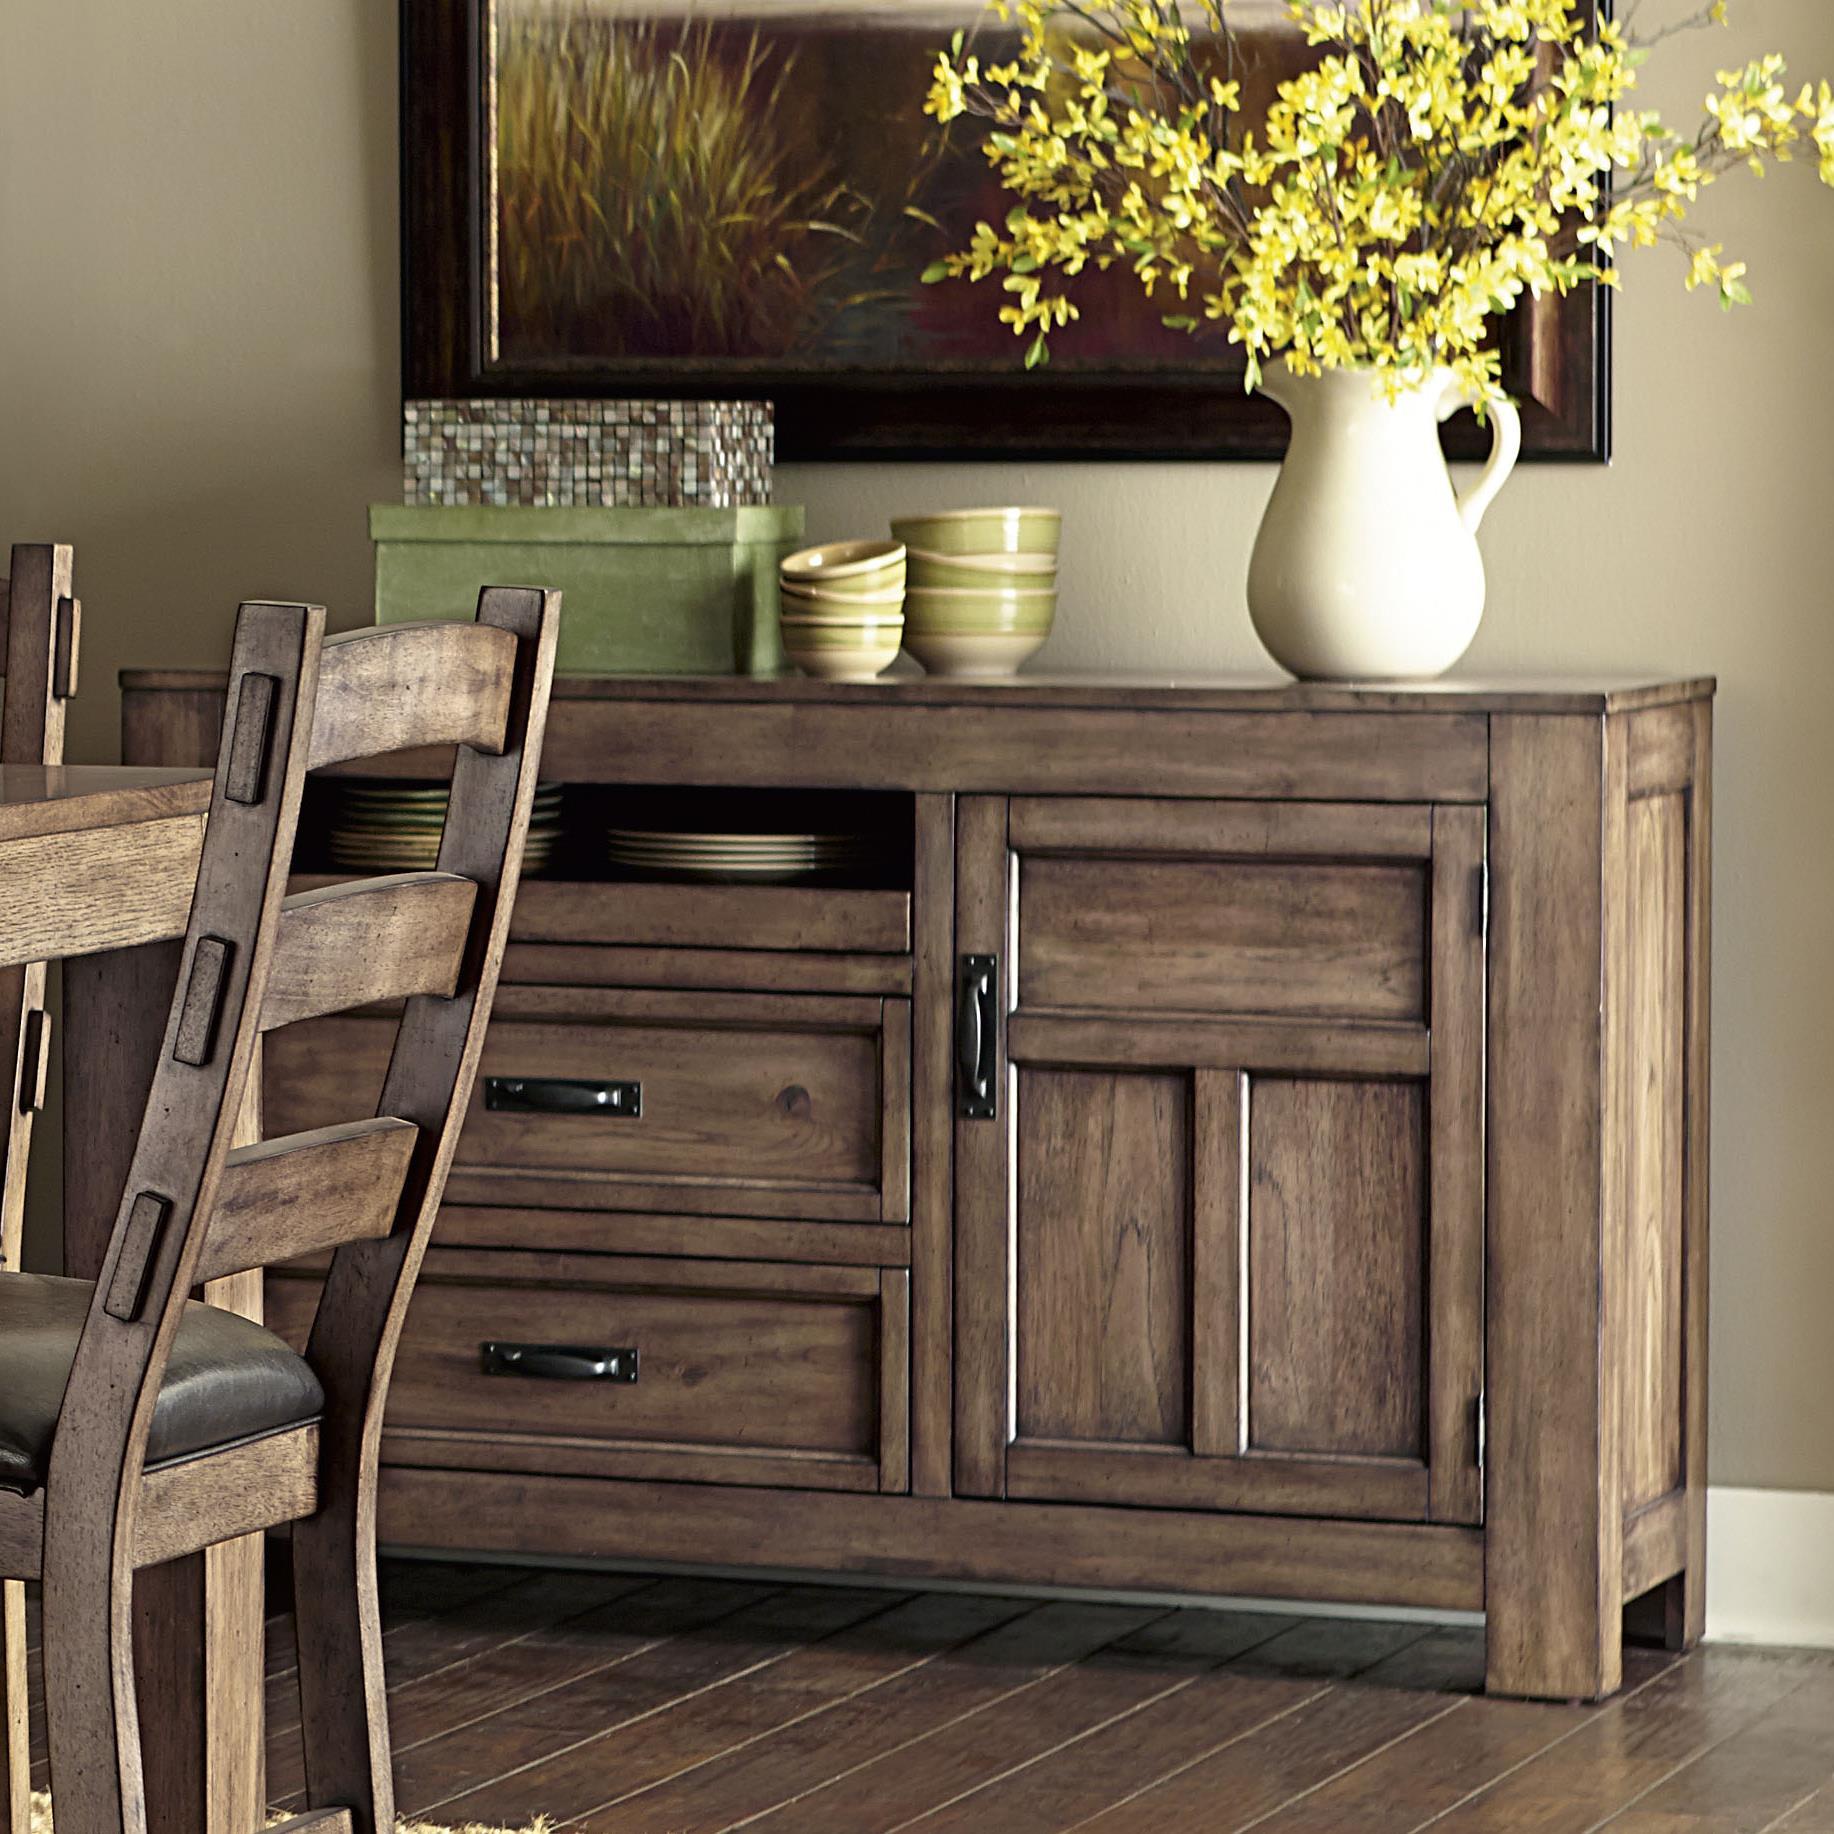 Progressive Furniture Boulder Creek Server - Item Number: P849-56